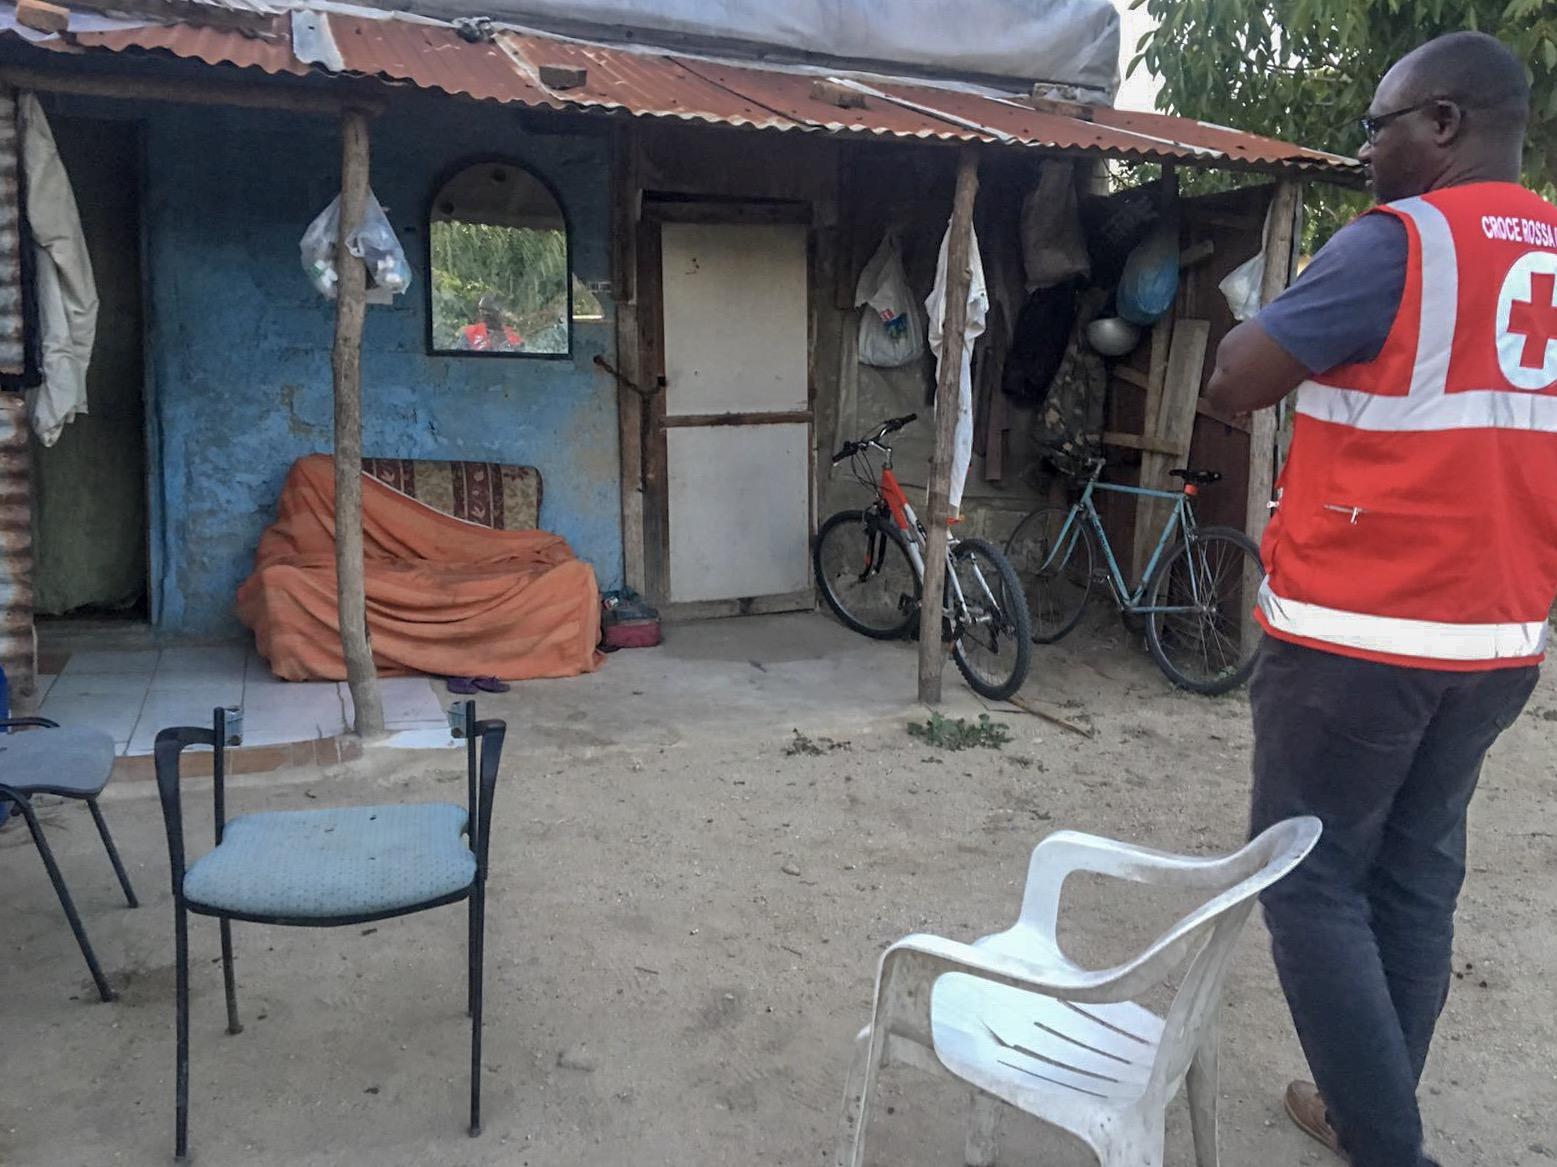 Caporalato: il presidio umanitario della Croce Rossa per i braccianti del Mezzogiorno